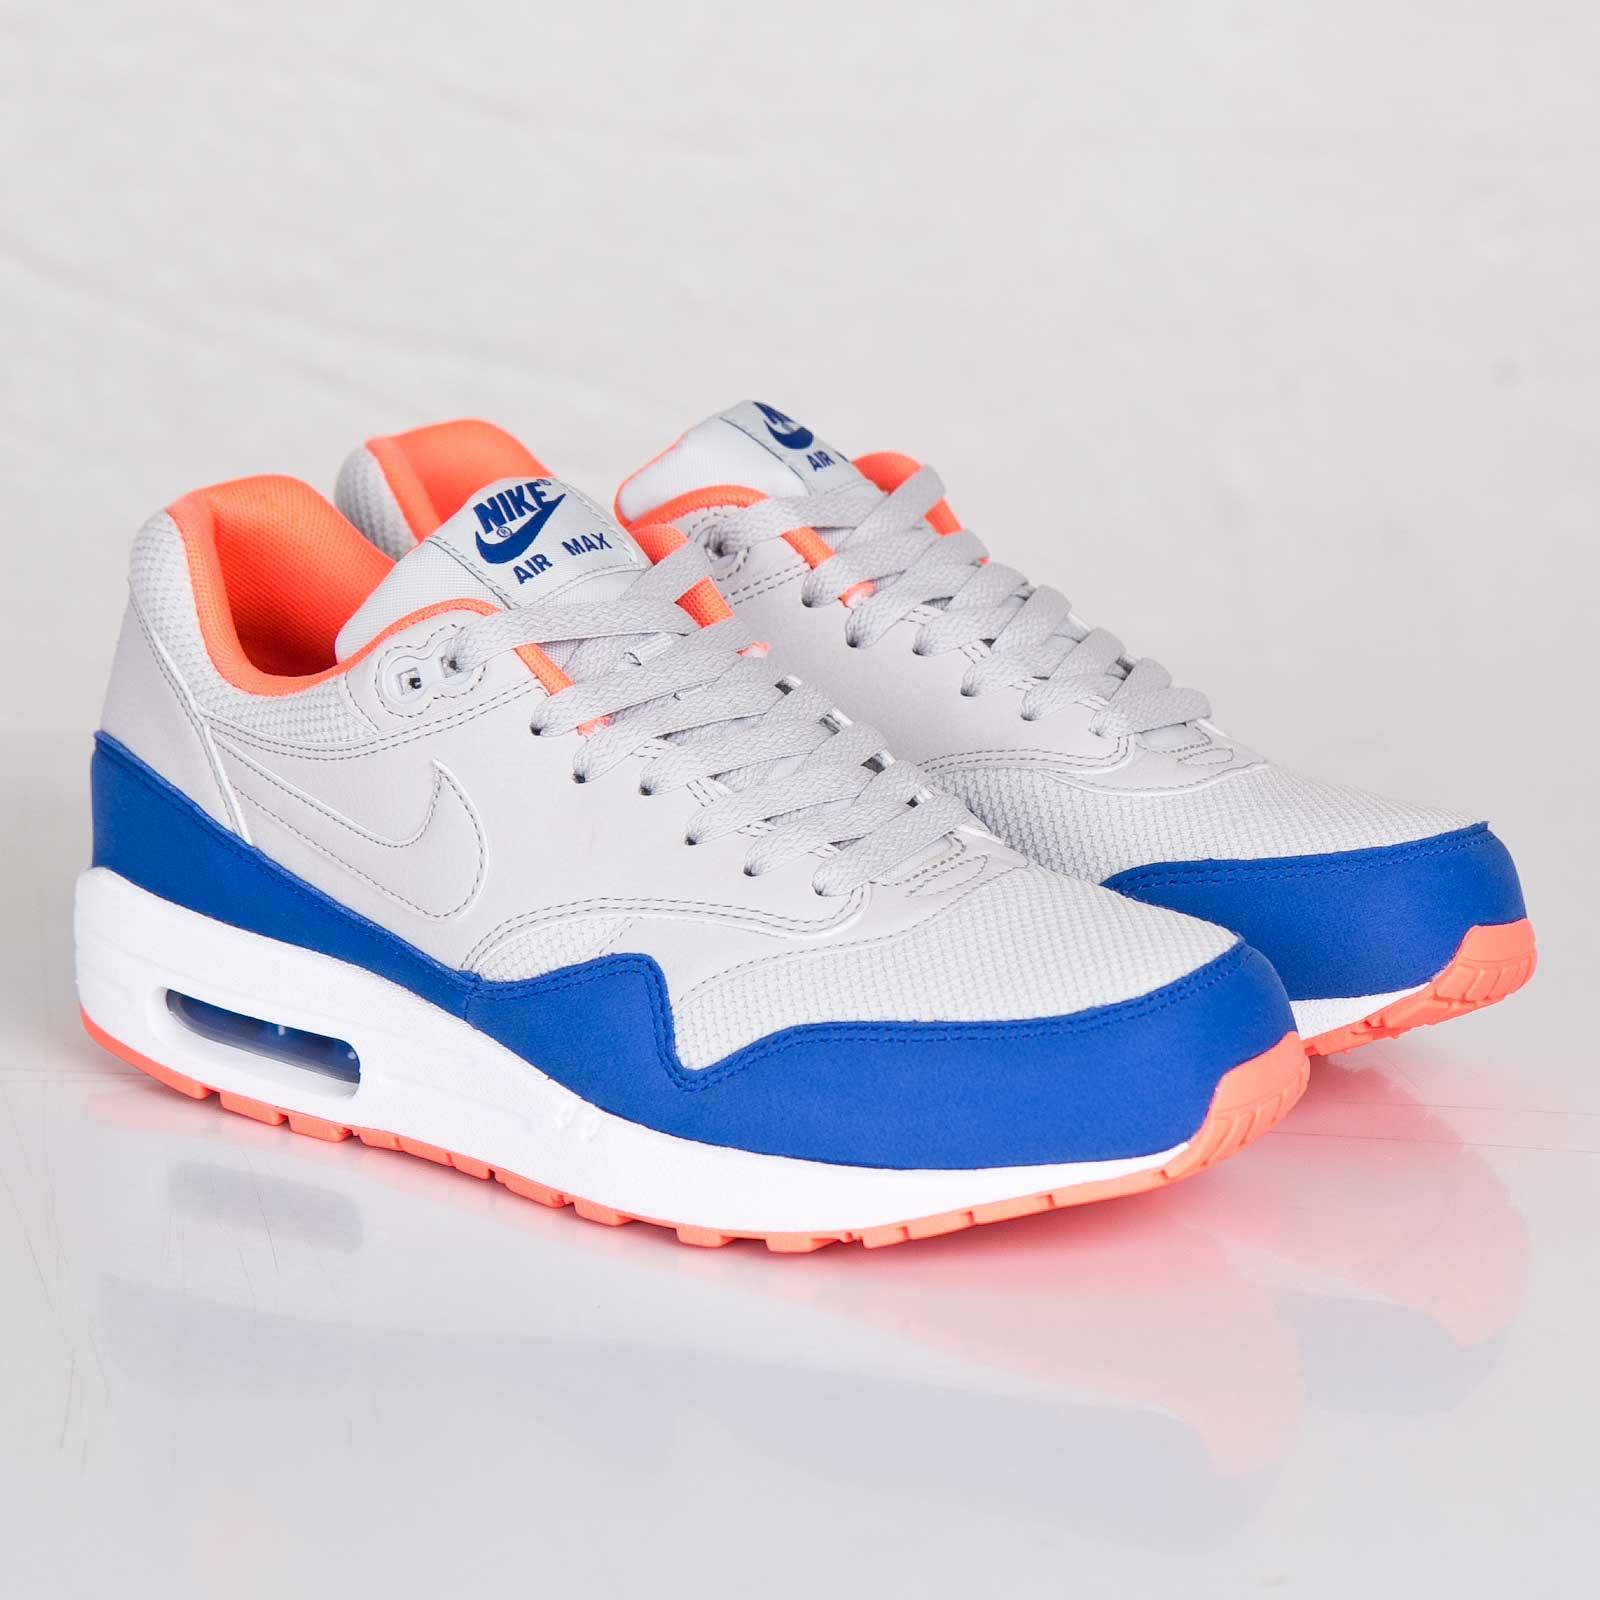 Nike Air Max 1 Essential 537383 004 Sneakersnstuff